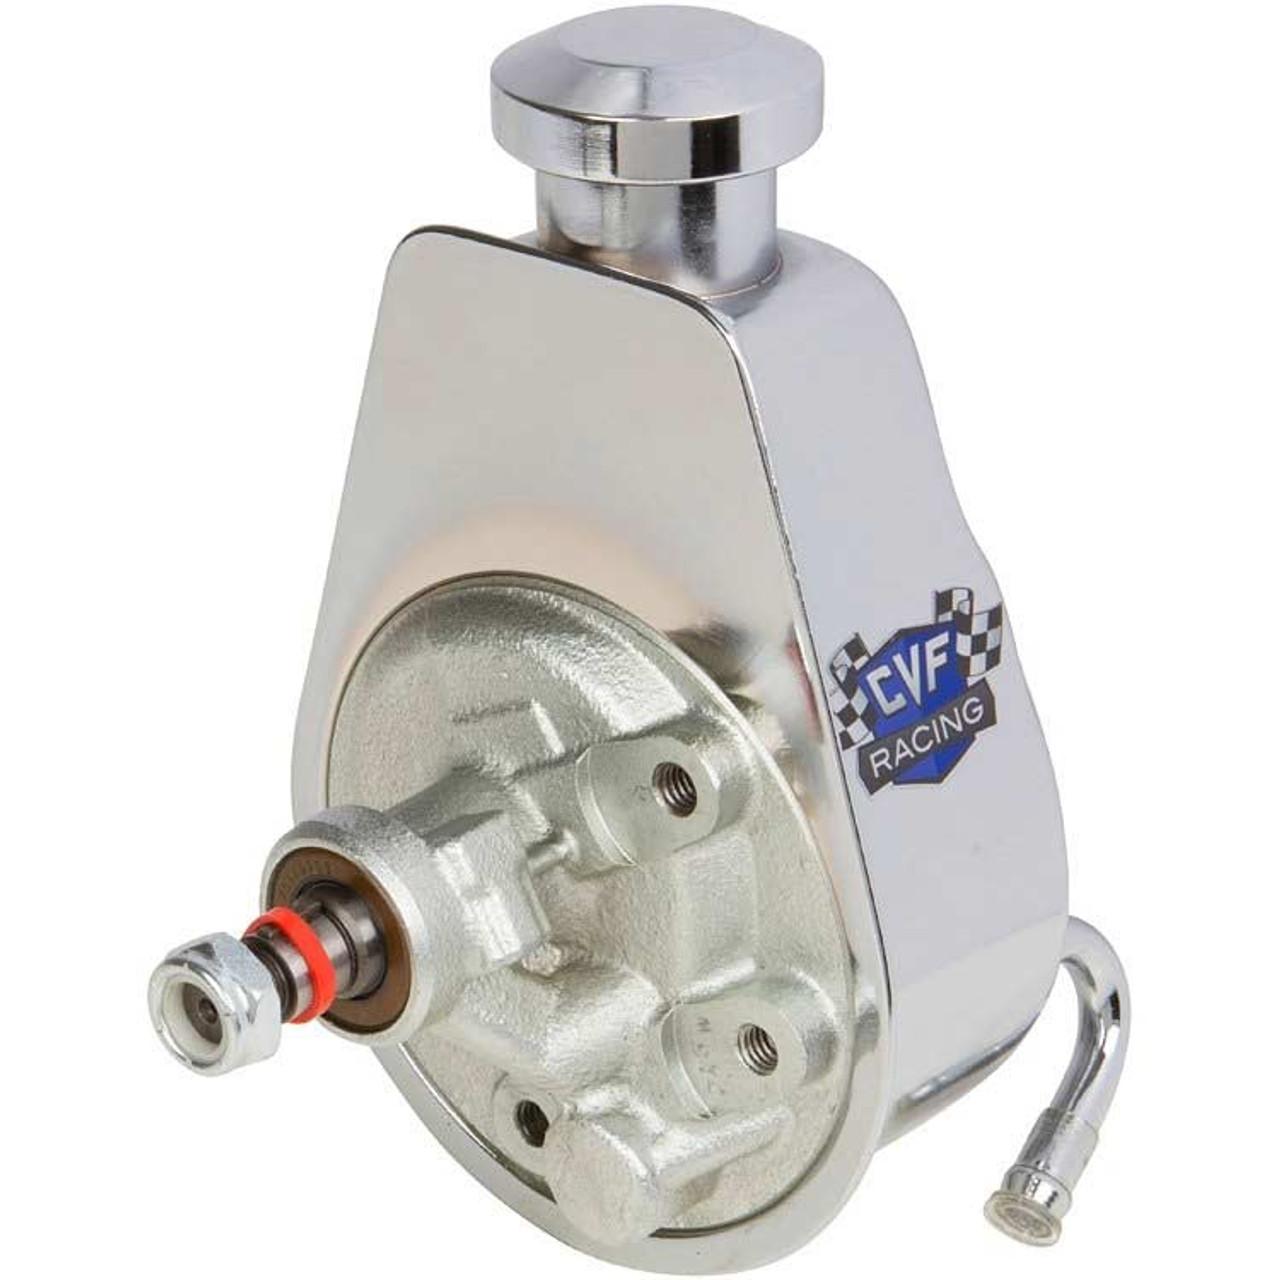 Saginaw Power Steering Pump >> Saginaw P Series Power Steering Pump 5 8 Keyway Shaft